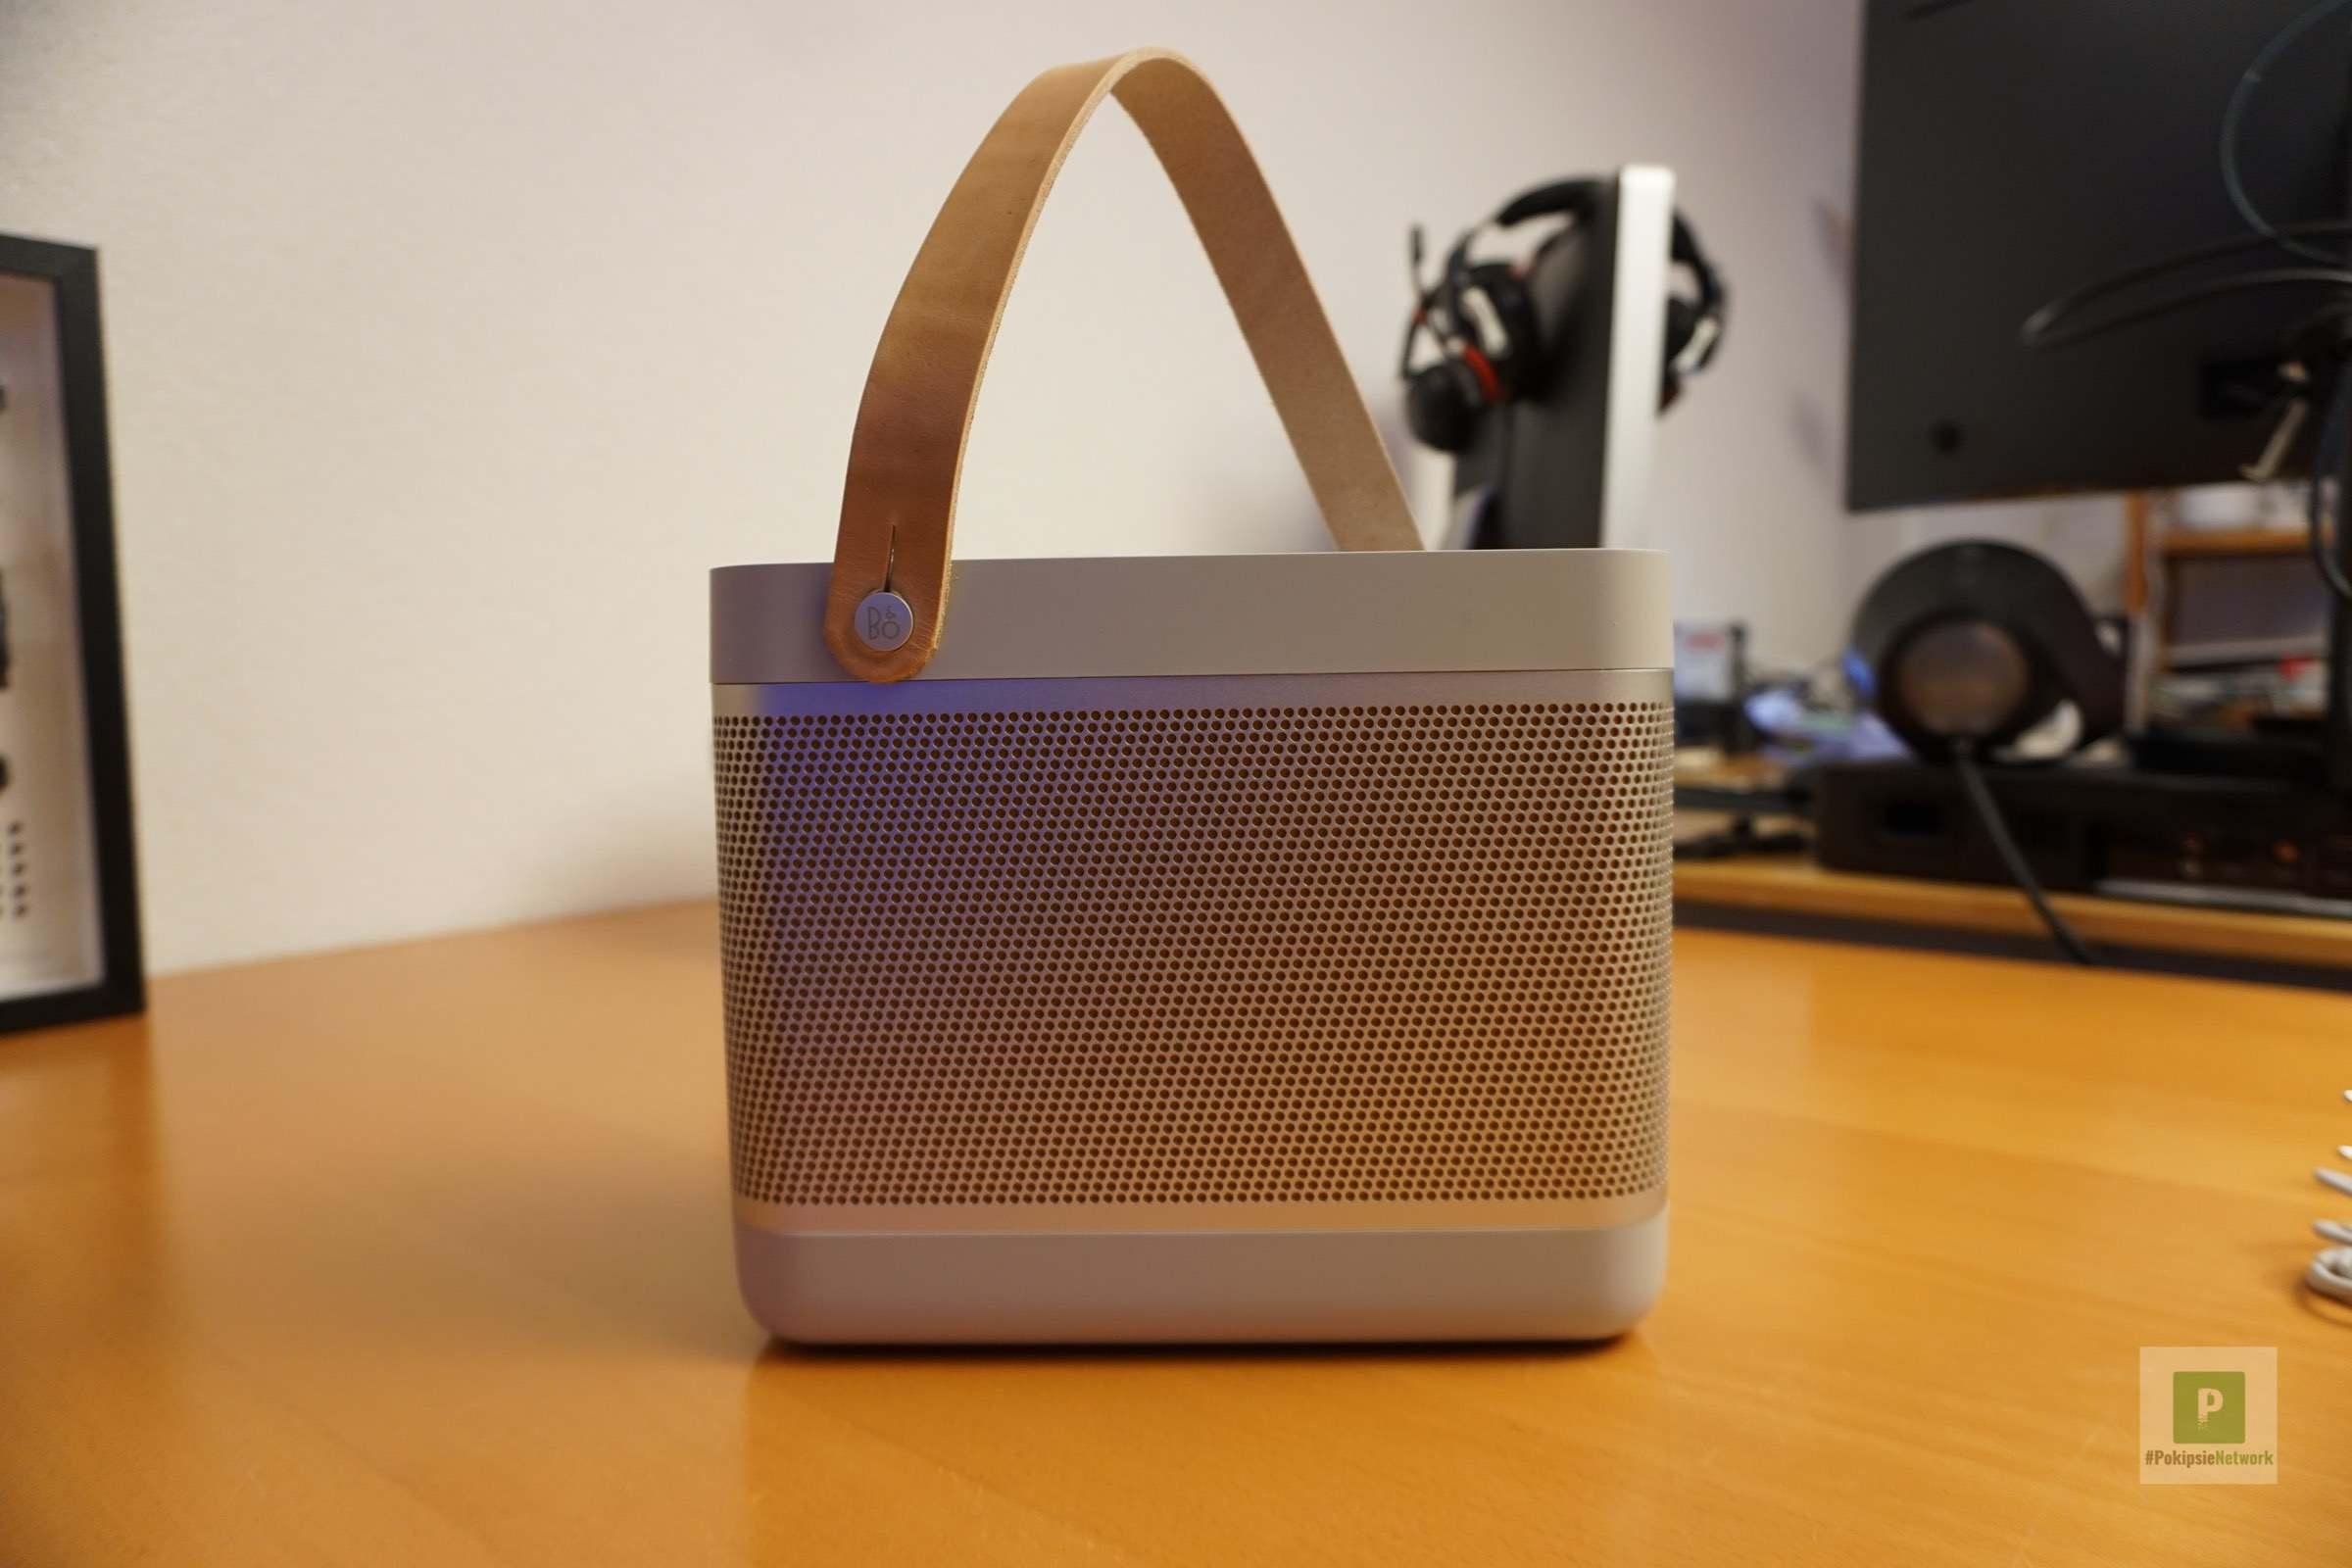 Beolit 20 tragbarer Bluetooth Speaker von Bang & Olufsen vorgestellt